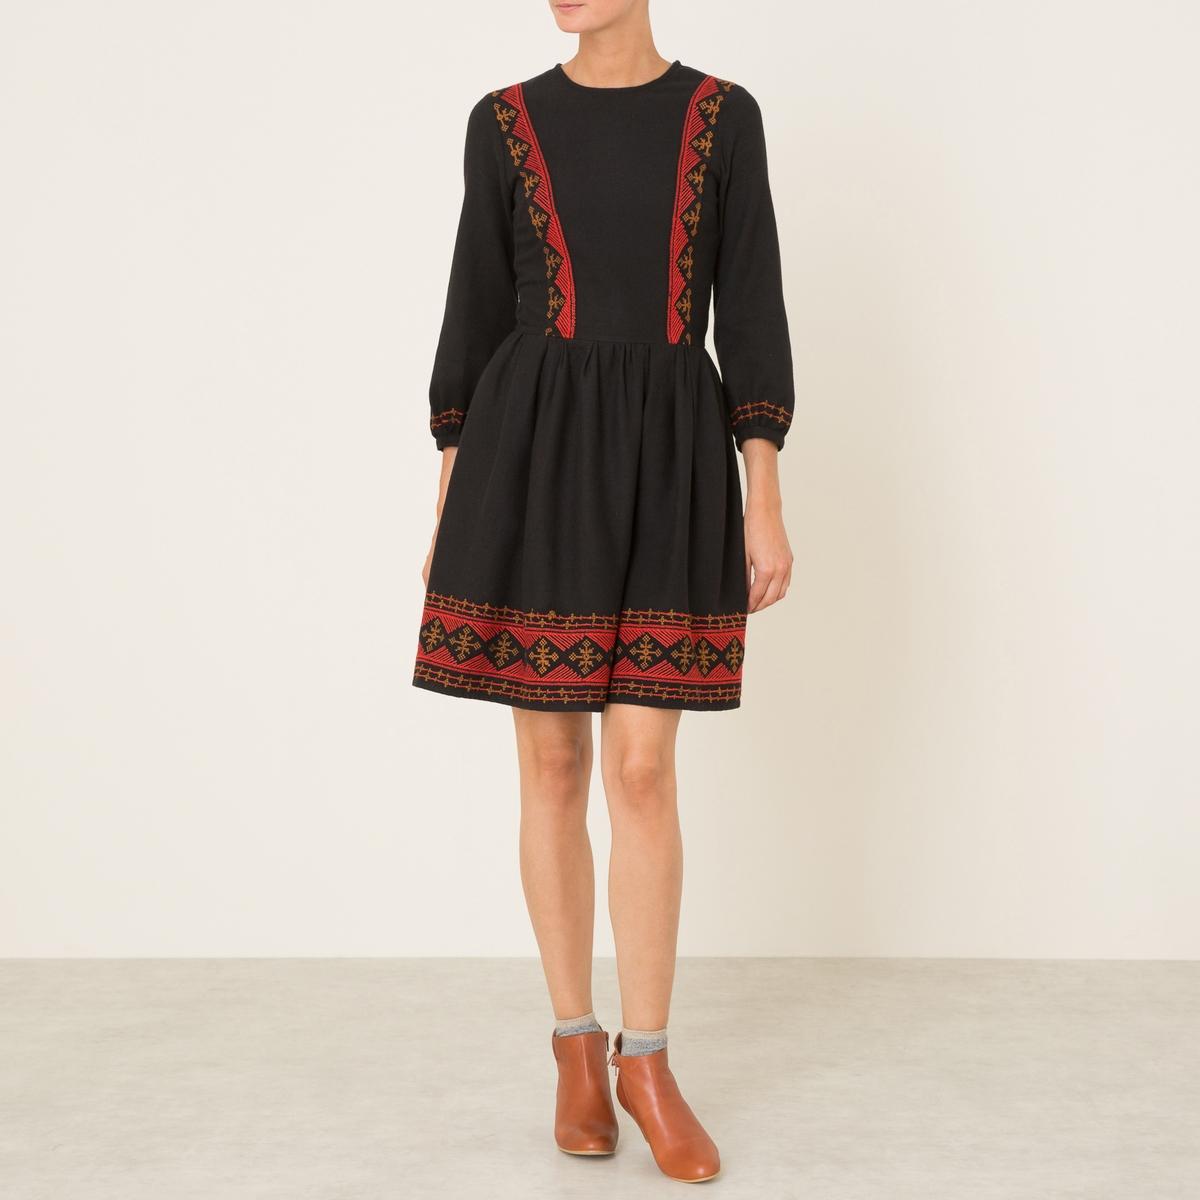 Платье FATHYСостав и описание :Материал : 100% хлопок. Вышивка : 100% полиэстерМарка : ATHE VANESSA BRUNO<br><br>Цвет: черный